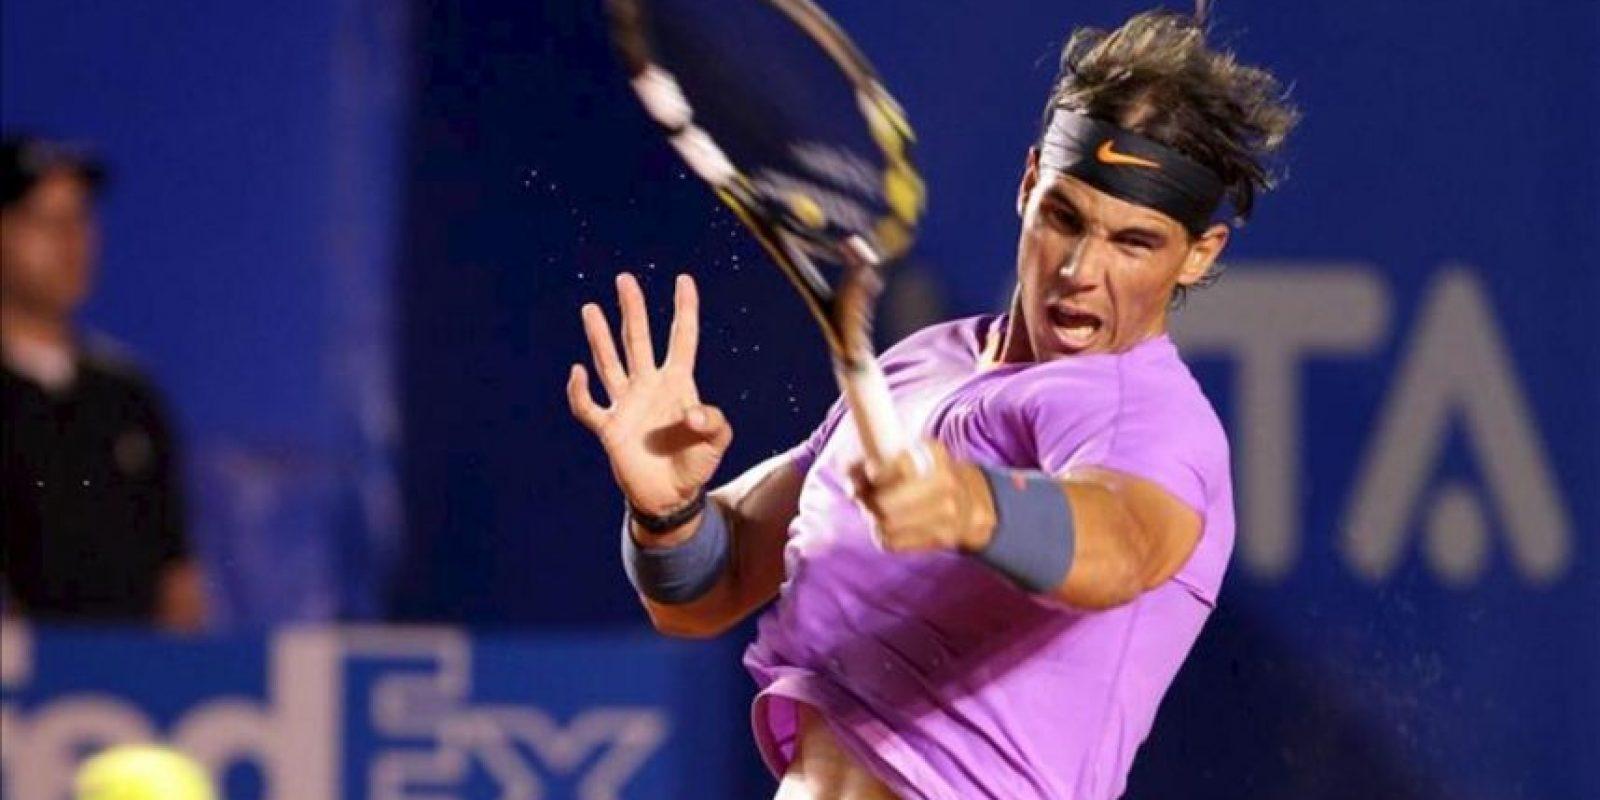 El tenista español Rafael Nadal devuelve una bola al argentino Diego Schwartzman, durante el segundo día del Abierto Mexicano de Tenis que se desarrolla en el puerto mexicano de Acapulco. EFE